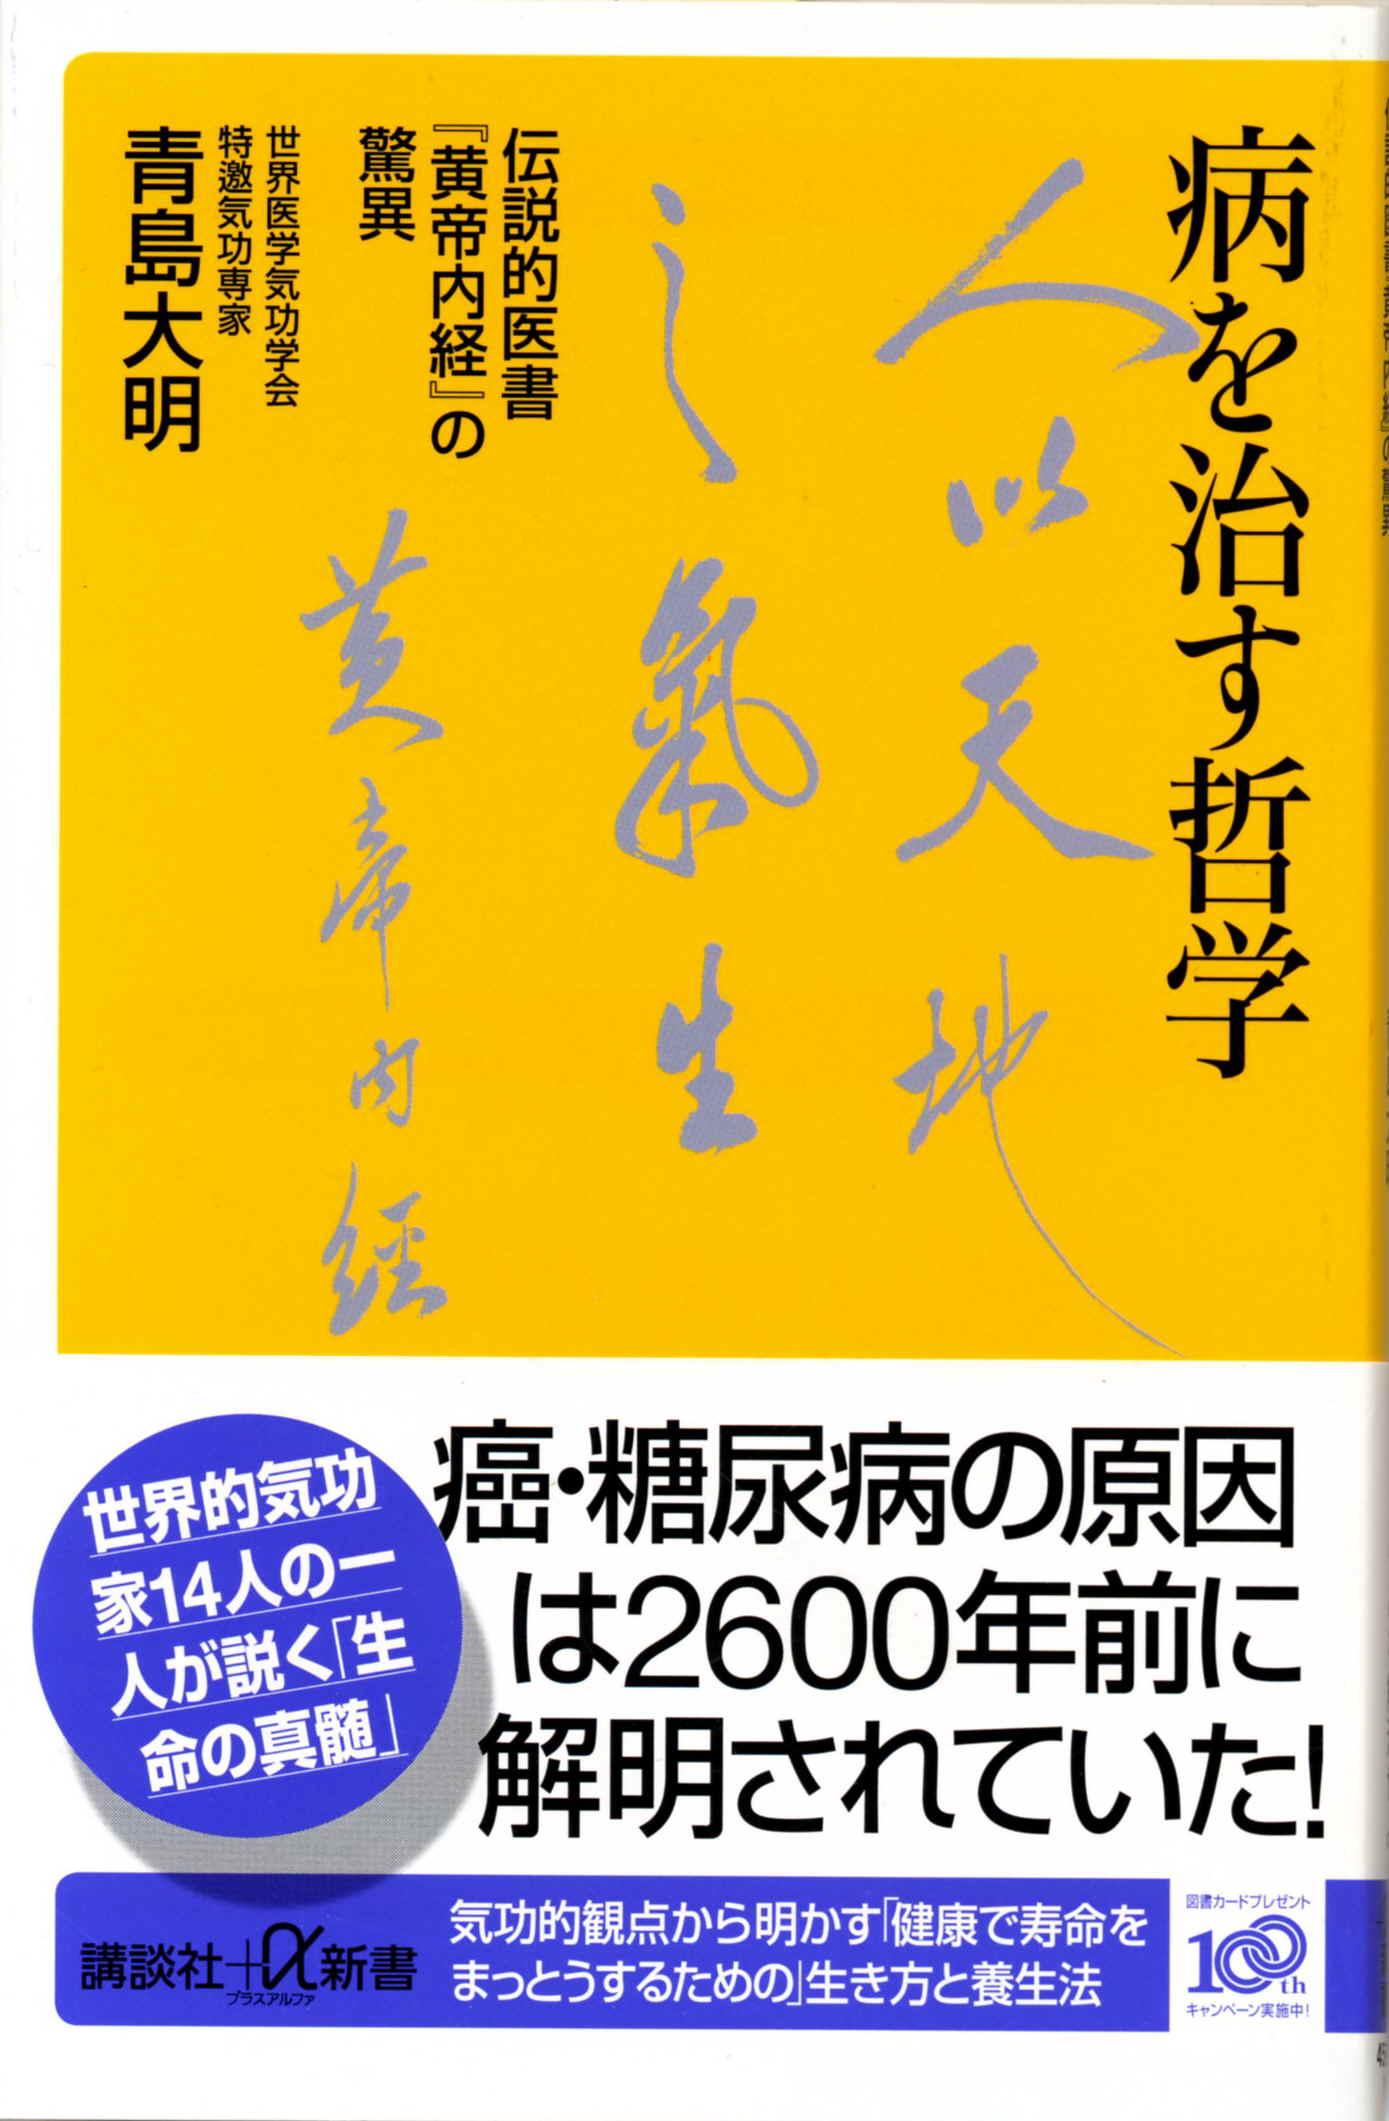 青島大明著『病を治す哲学』伝説的医書『黄帝内経』の驚異 気功関連著書